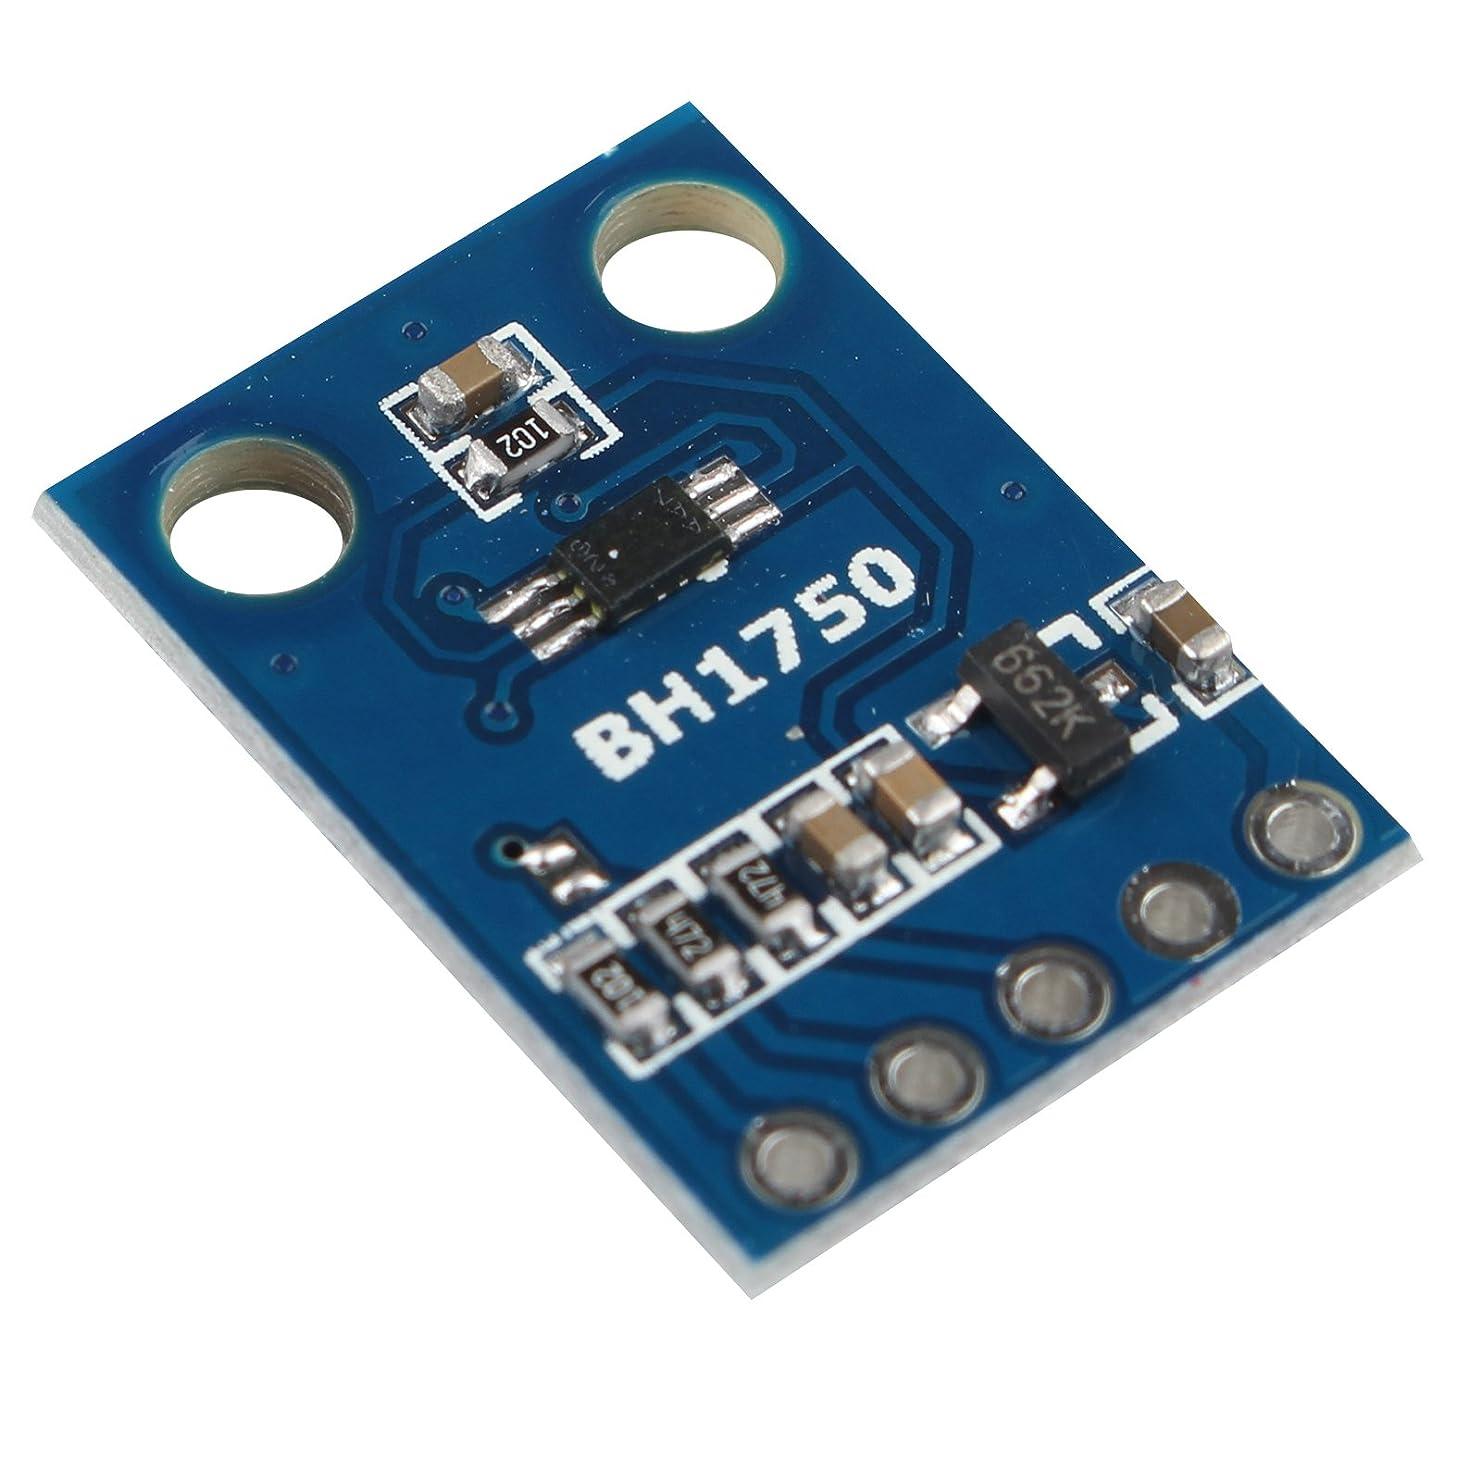 ミネラルゴミハードGY-302 BH1750 GY302 光強度イルミネーション デジタル センサモジュール Arduino用